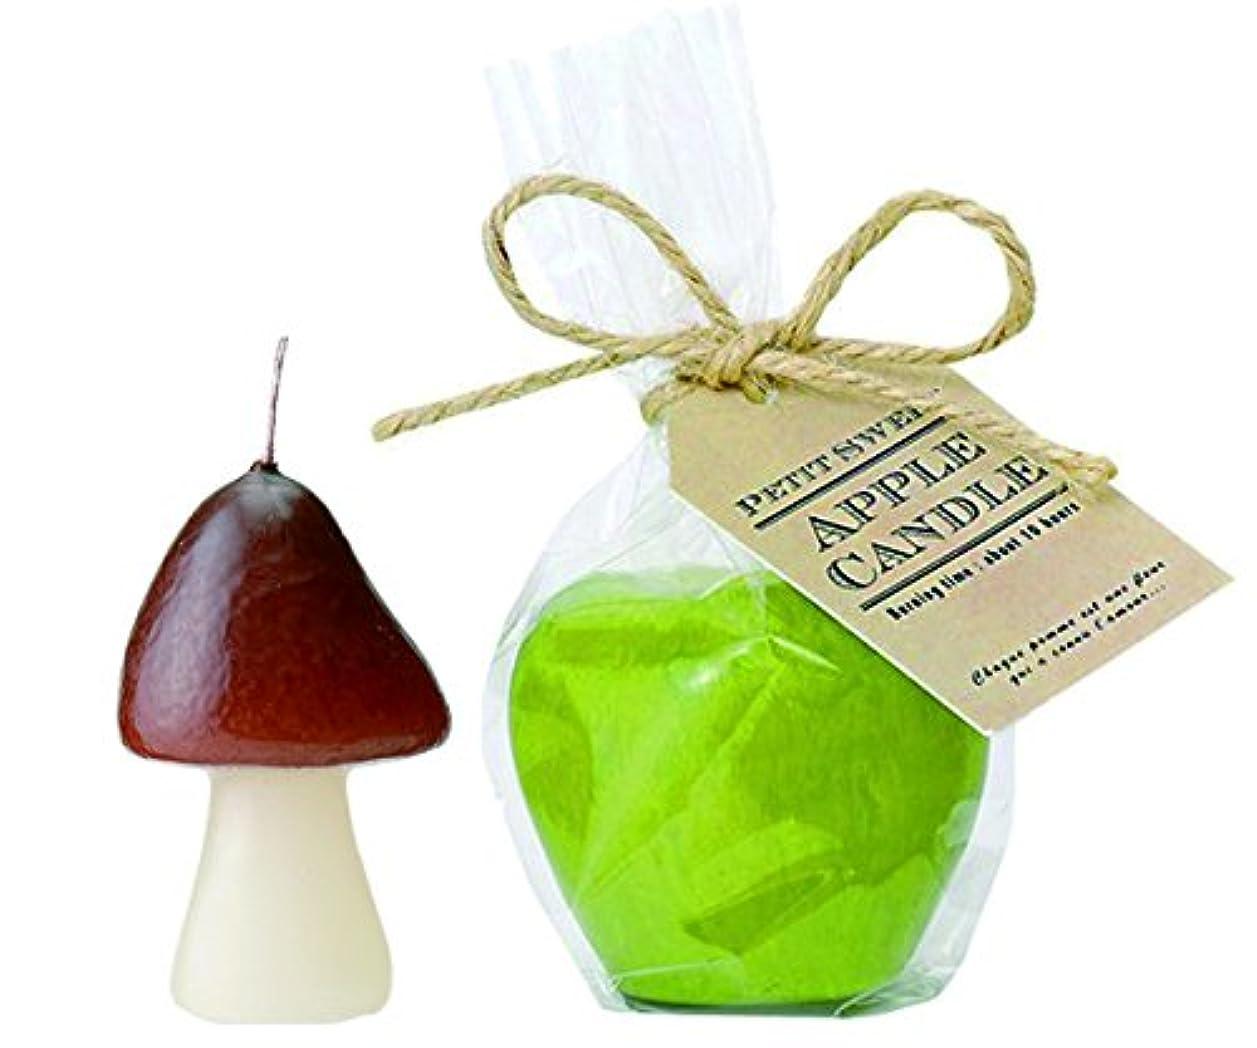 タンザニア油接触カメヤマキャンドルハウス きのこキャンドルS ×1 プチスイートアップルフローティングキャンドル グリーン アップルの香り×1 セット